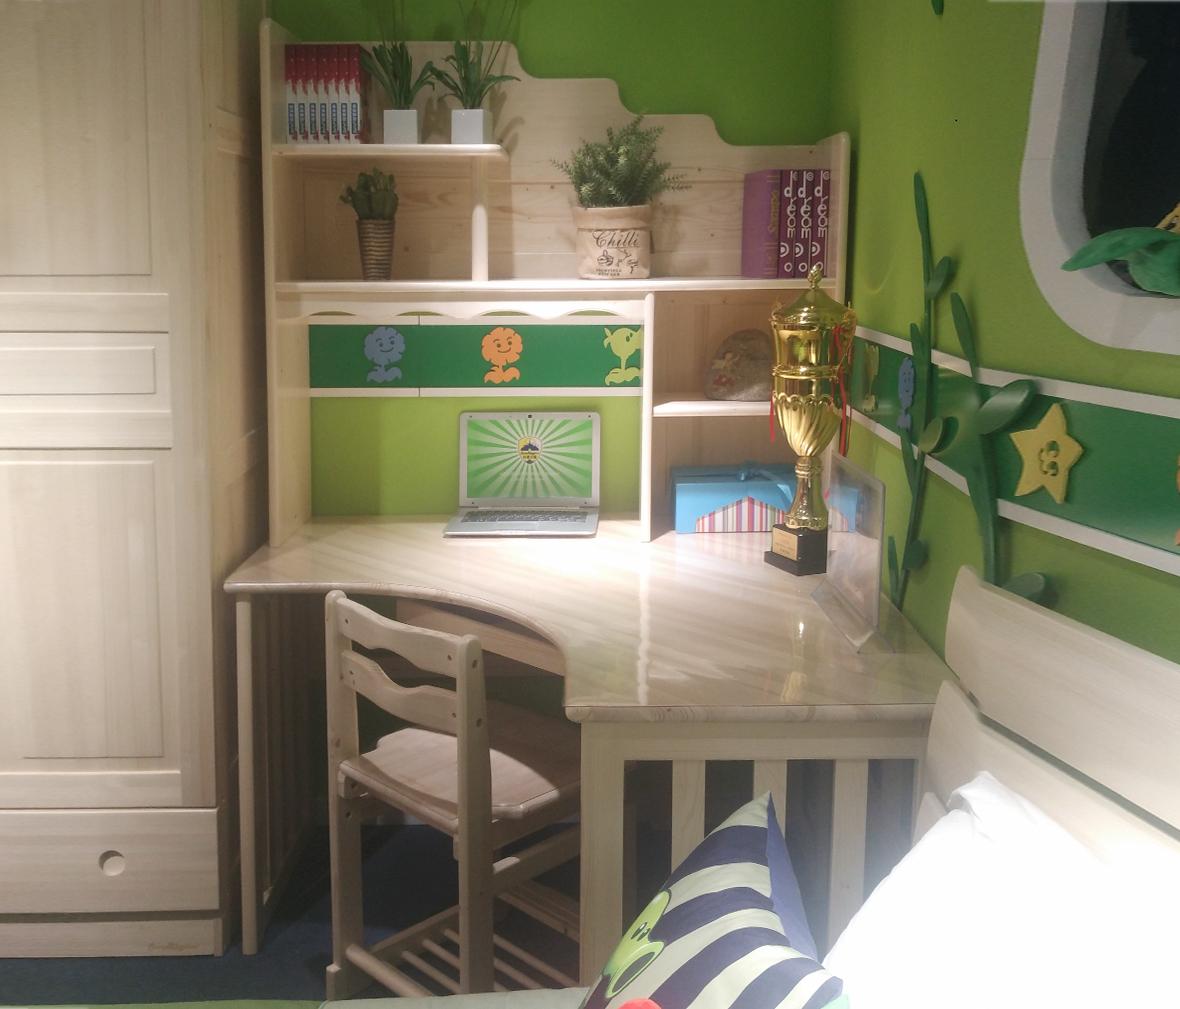 松堡王国spat002型号书桌进芬兰木材质桌子